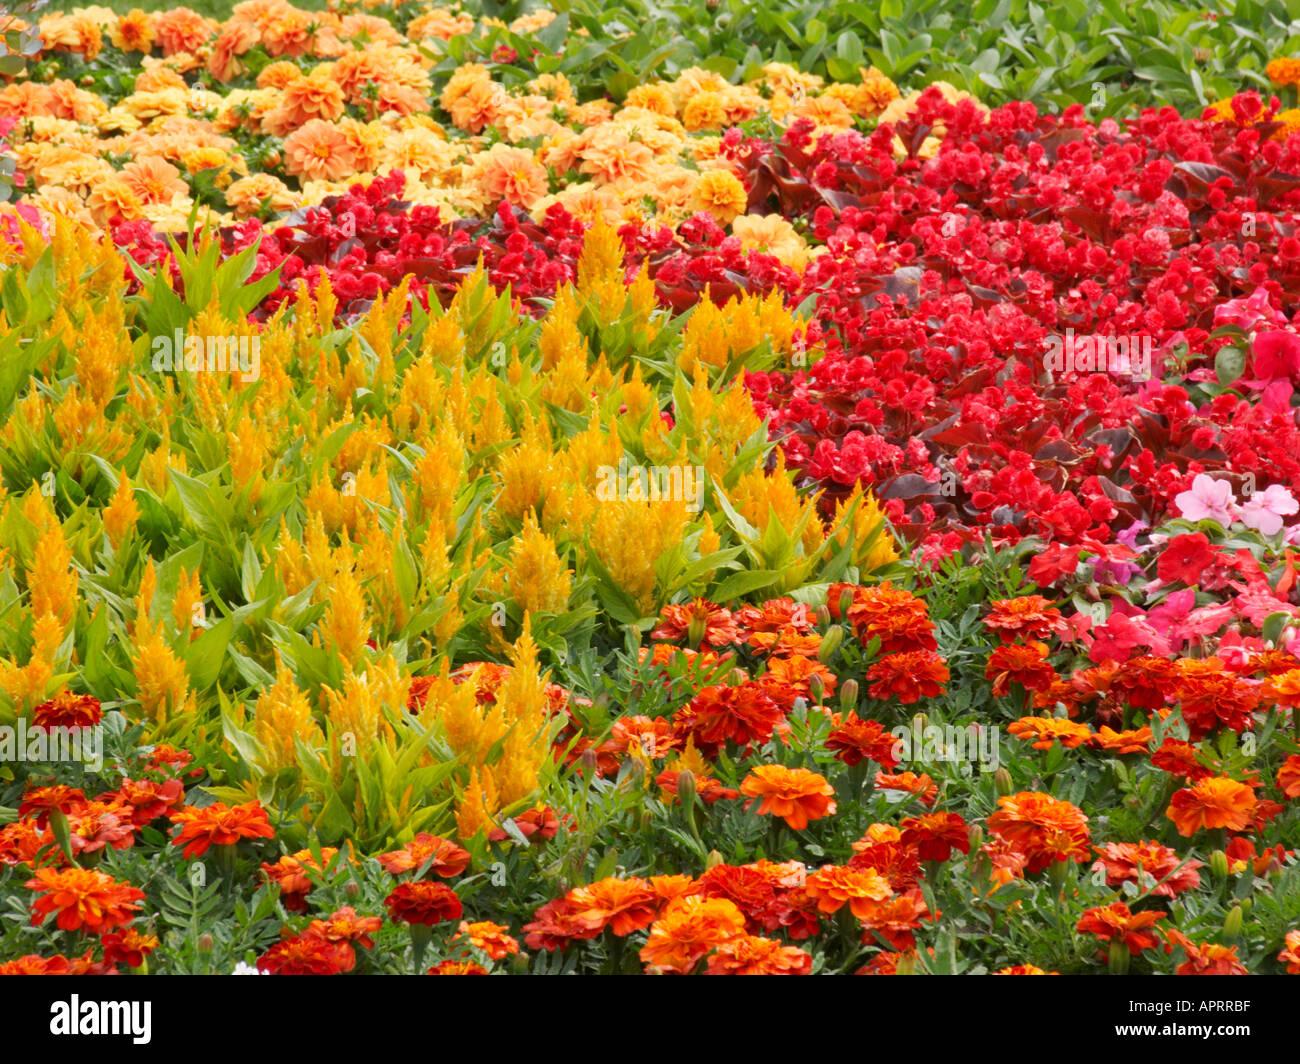 Tatton Flower Show consiglio tradizionale piantagione colorata annuari compresi Celosia lizy occupato e tagetes Foto Stock